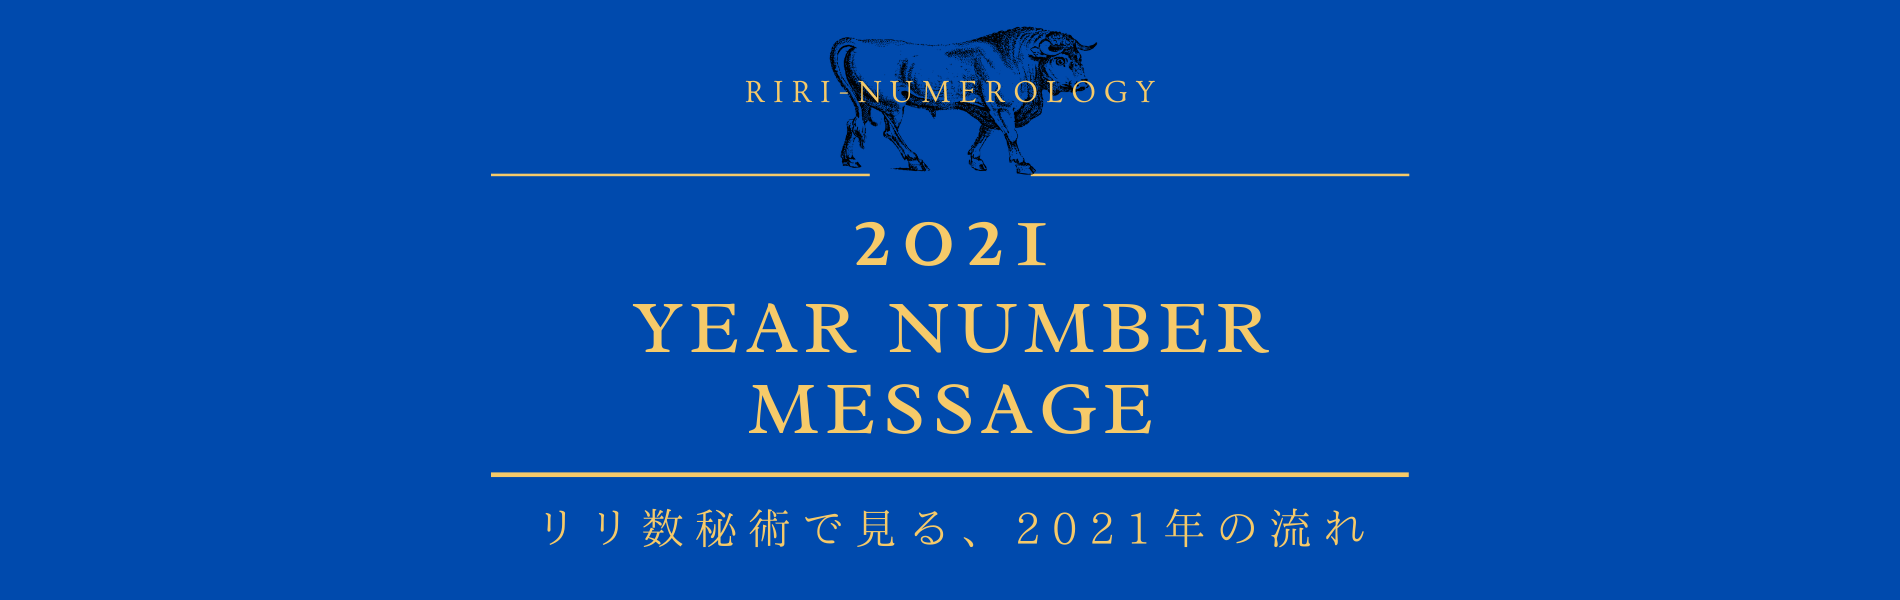 2021年、リリ数秘術のイヤーナンバーメッセージ